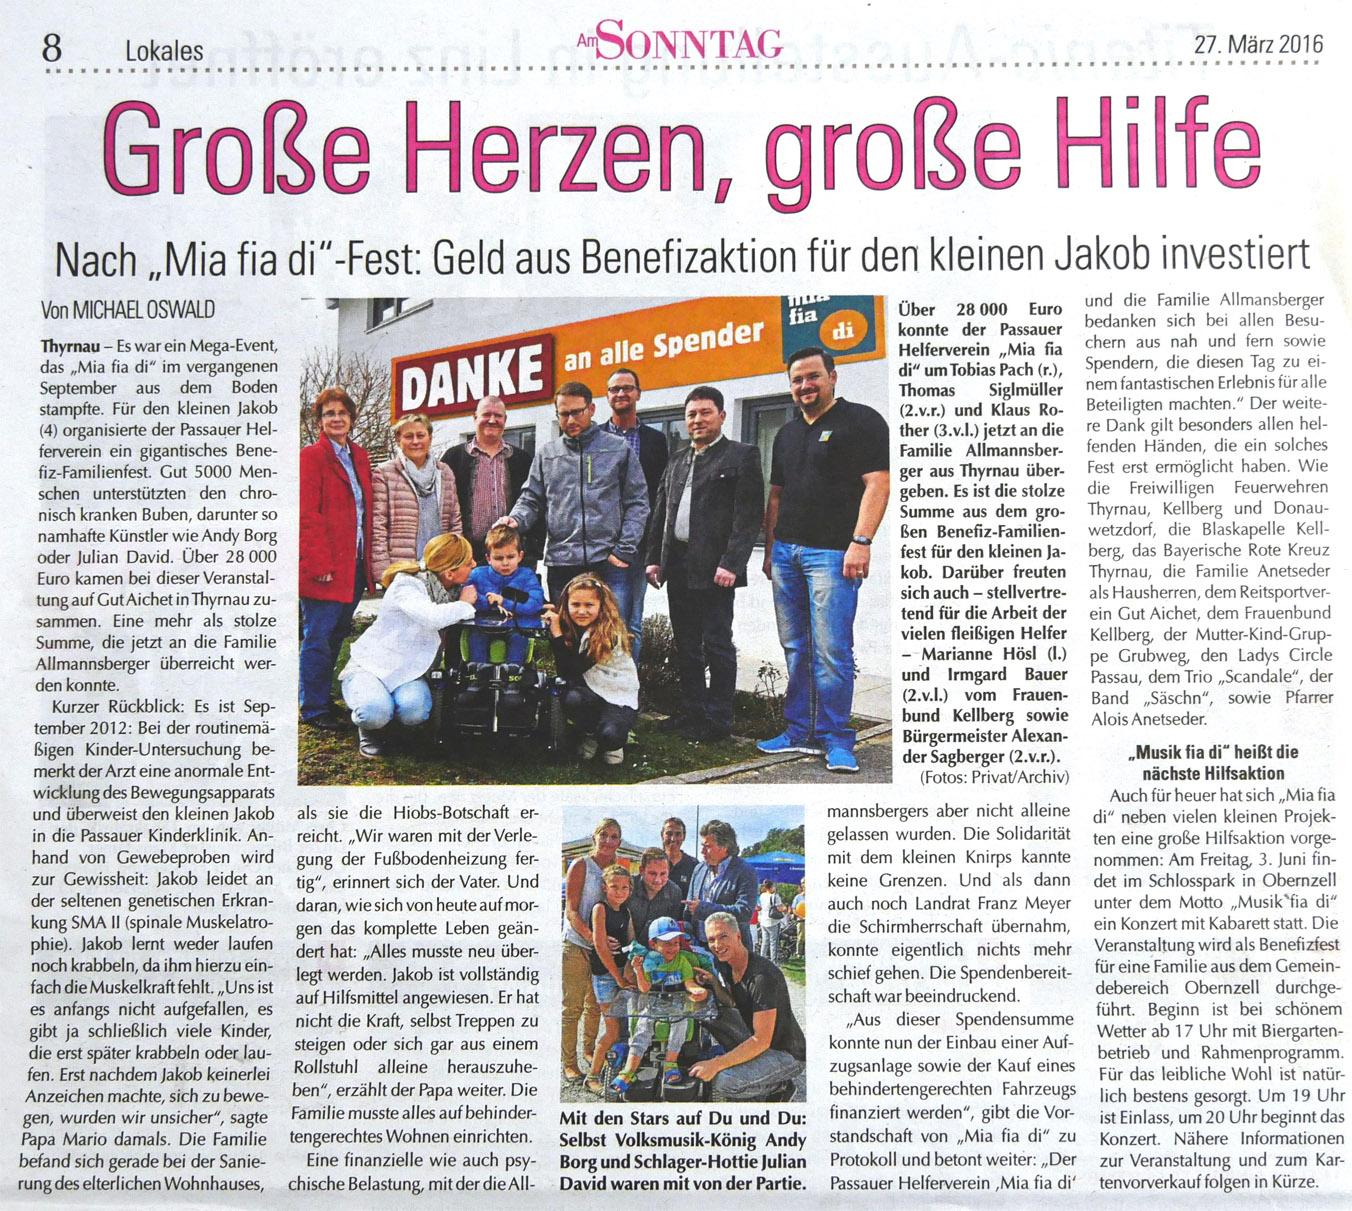 AS_Grosse_Herzen_grosse_Hilfe